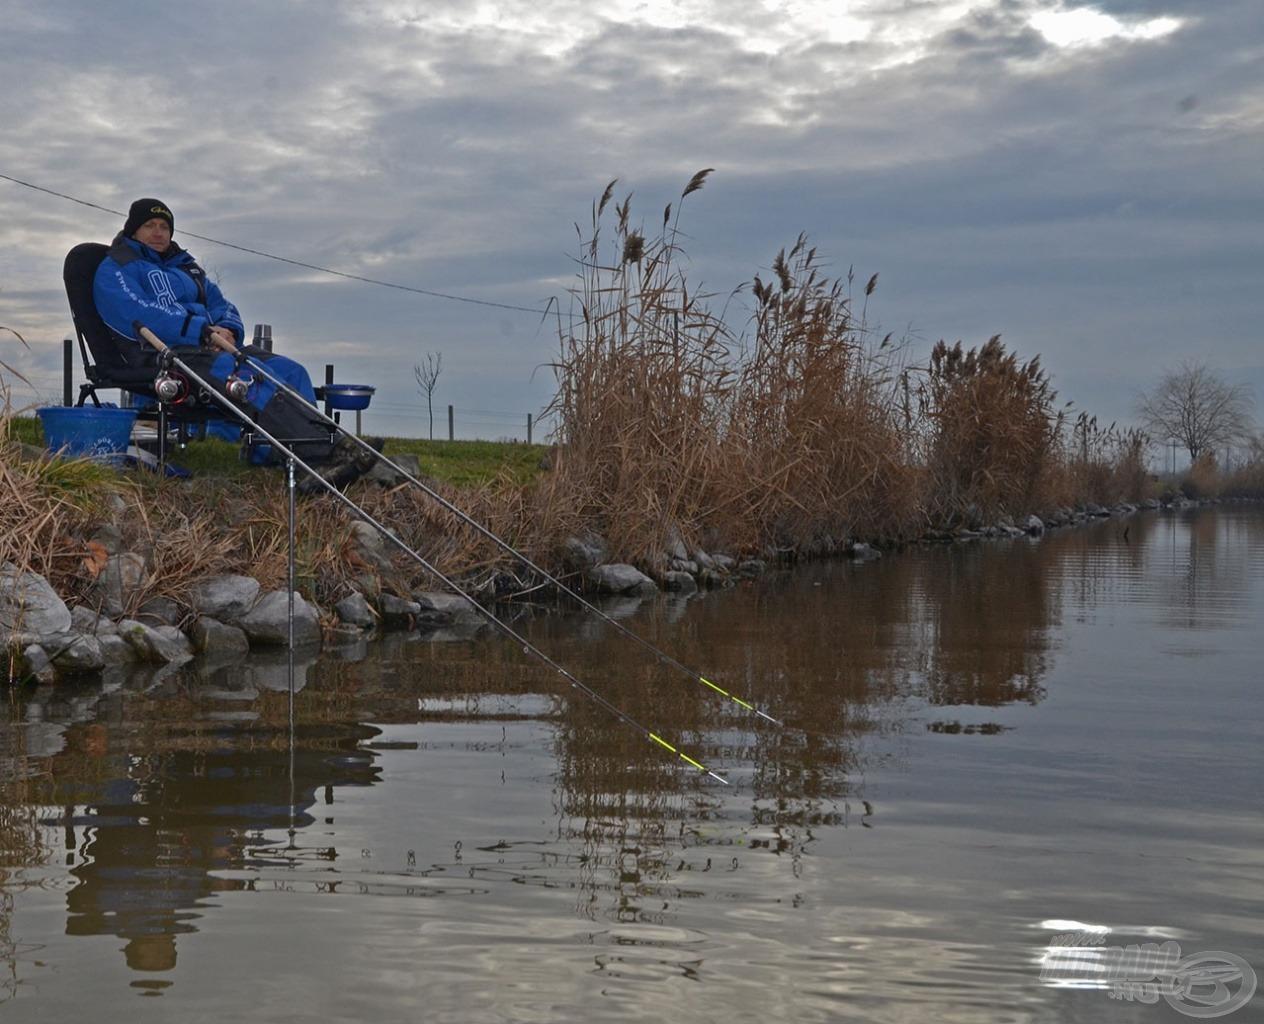 Szinte hihetetlen, de január 2-án is nyitott, horgászatra alkalmas vízfelszín fogadott egyik kedvenc tavamon, az Ezüst-tó Horgászcentrumban